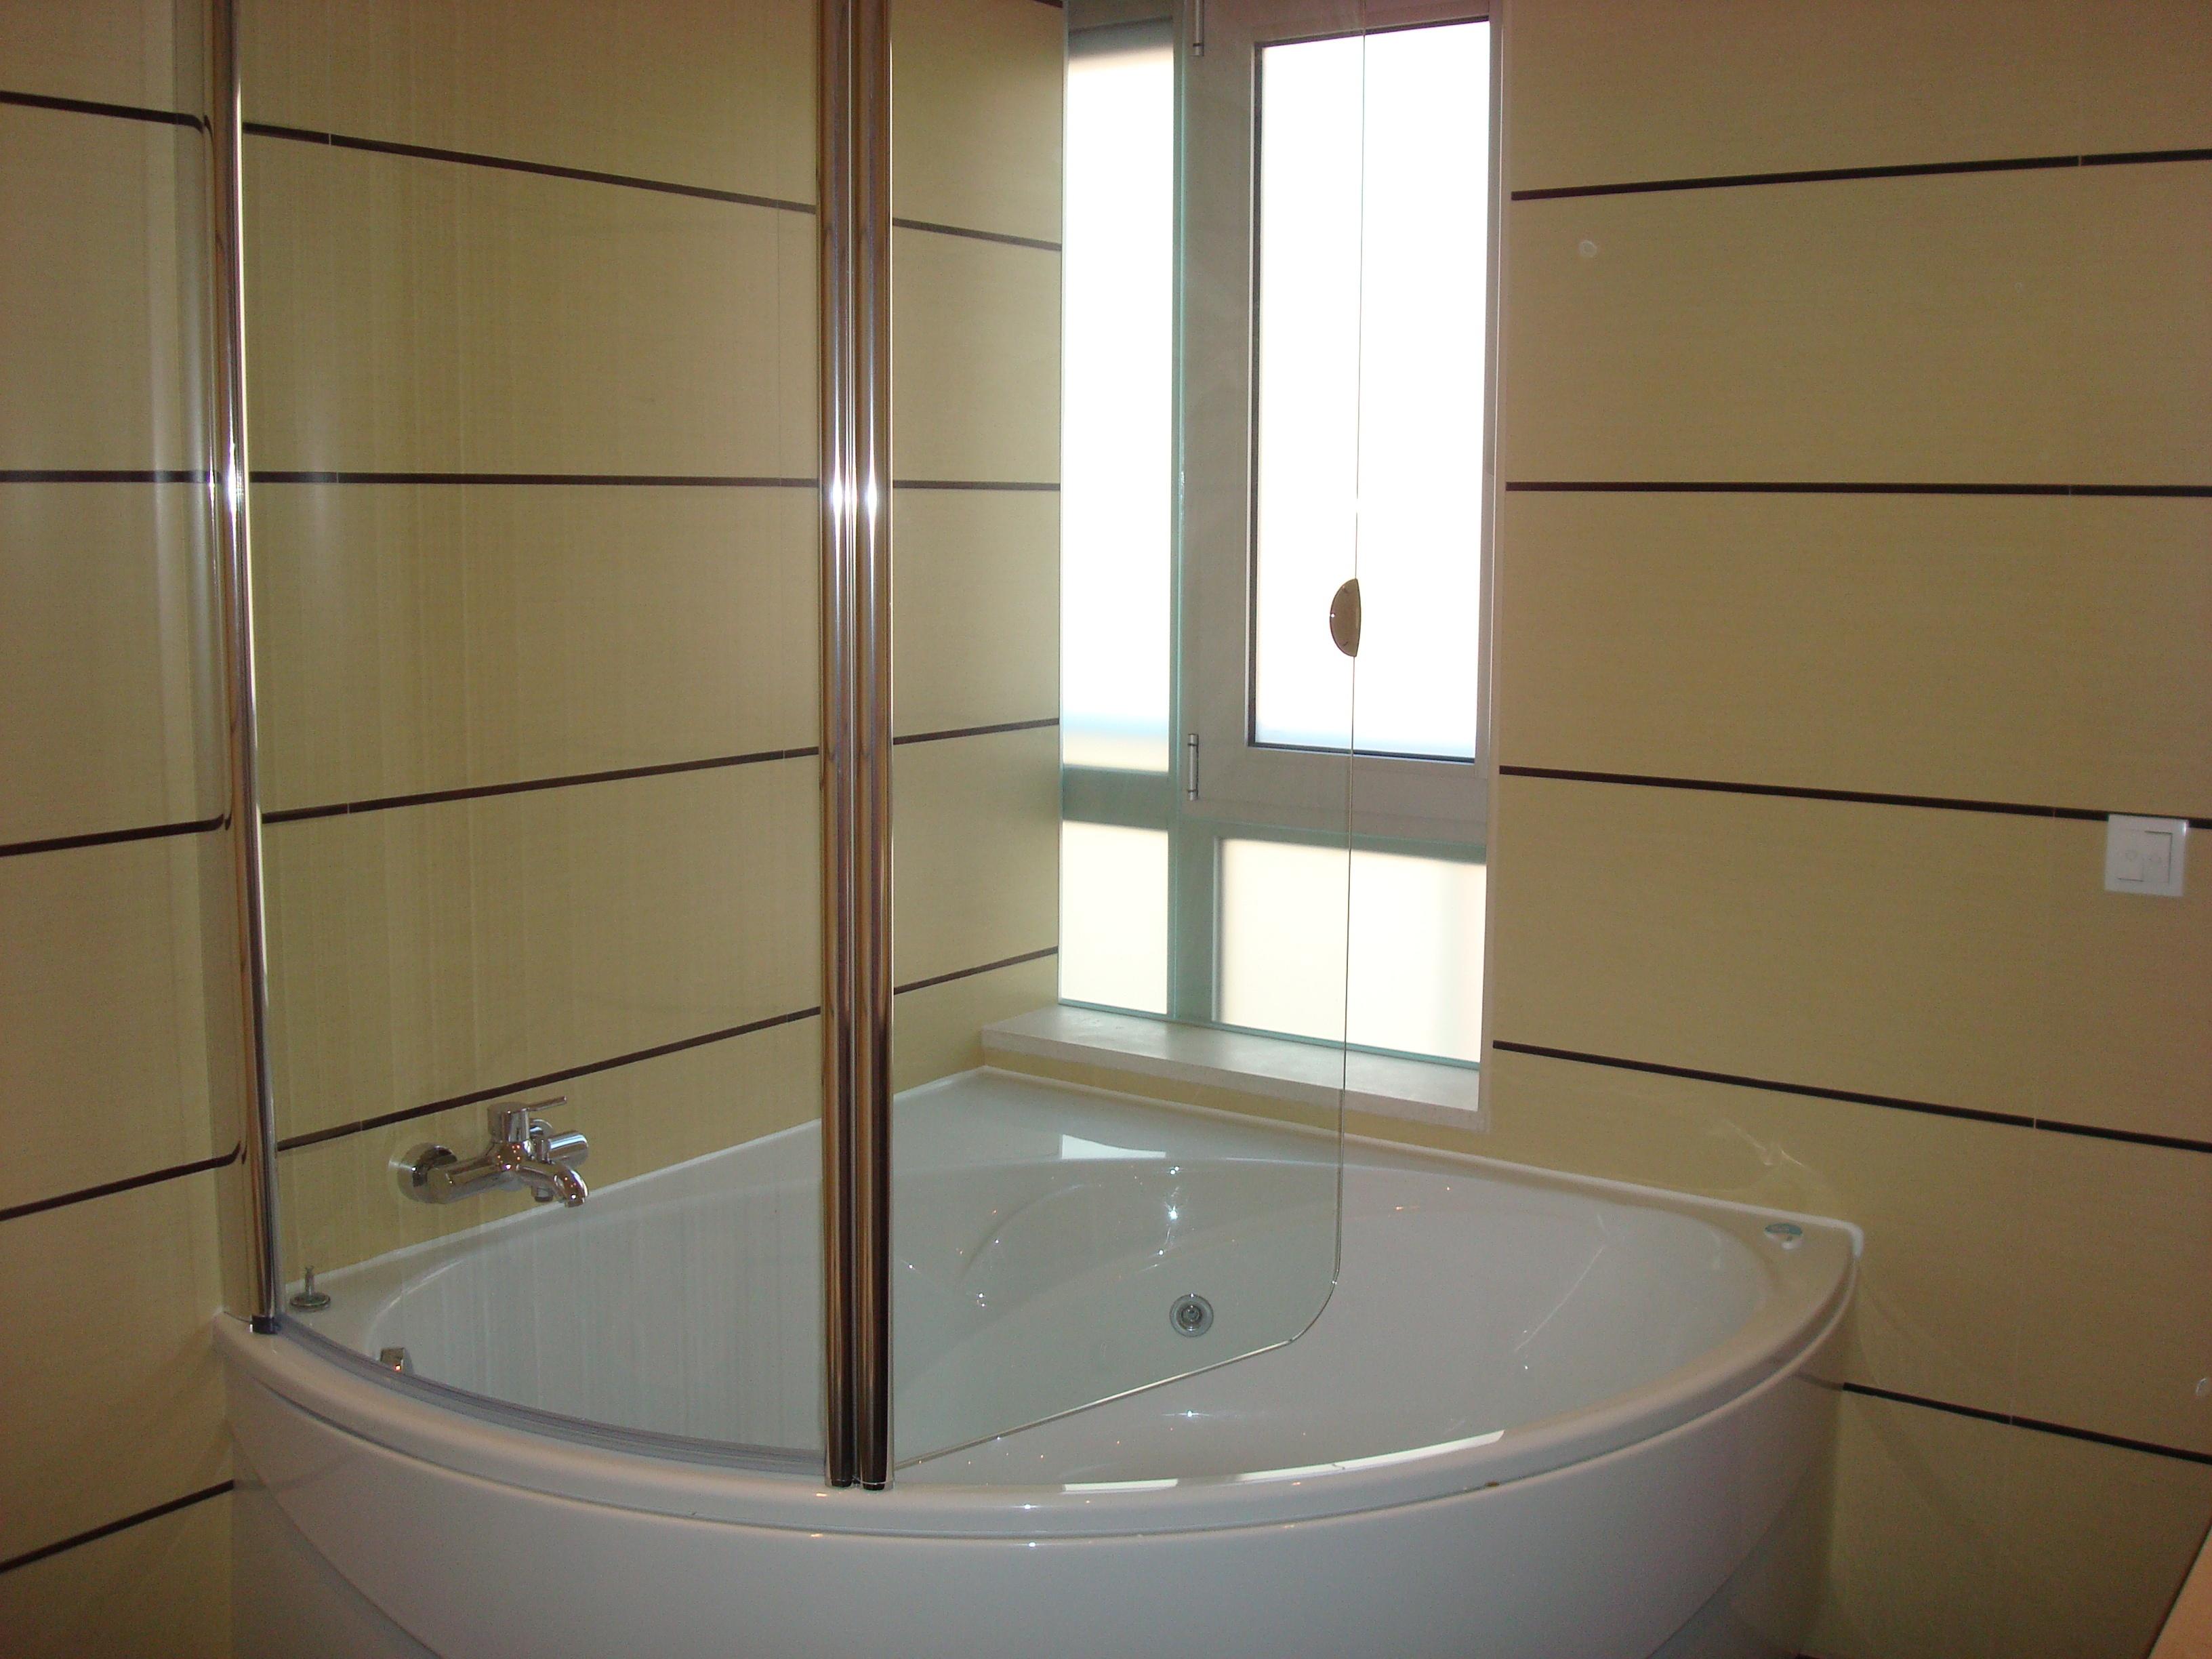 Banheiro Pequeno Com Banheira De Canto  homefiresafetykitcom banheiros com  -> Banheiro Pequeno Com Banheira De Canto